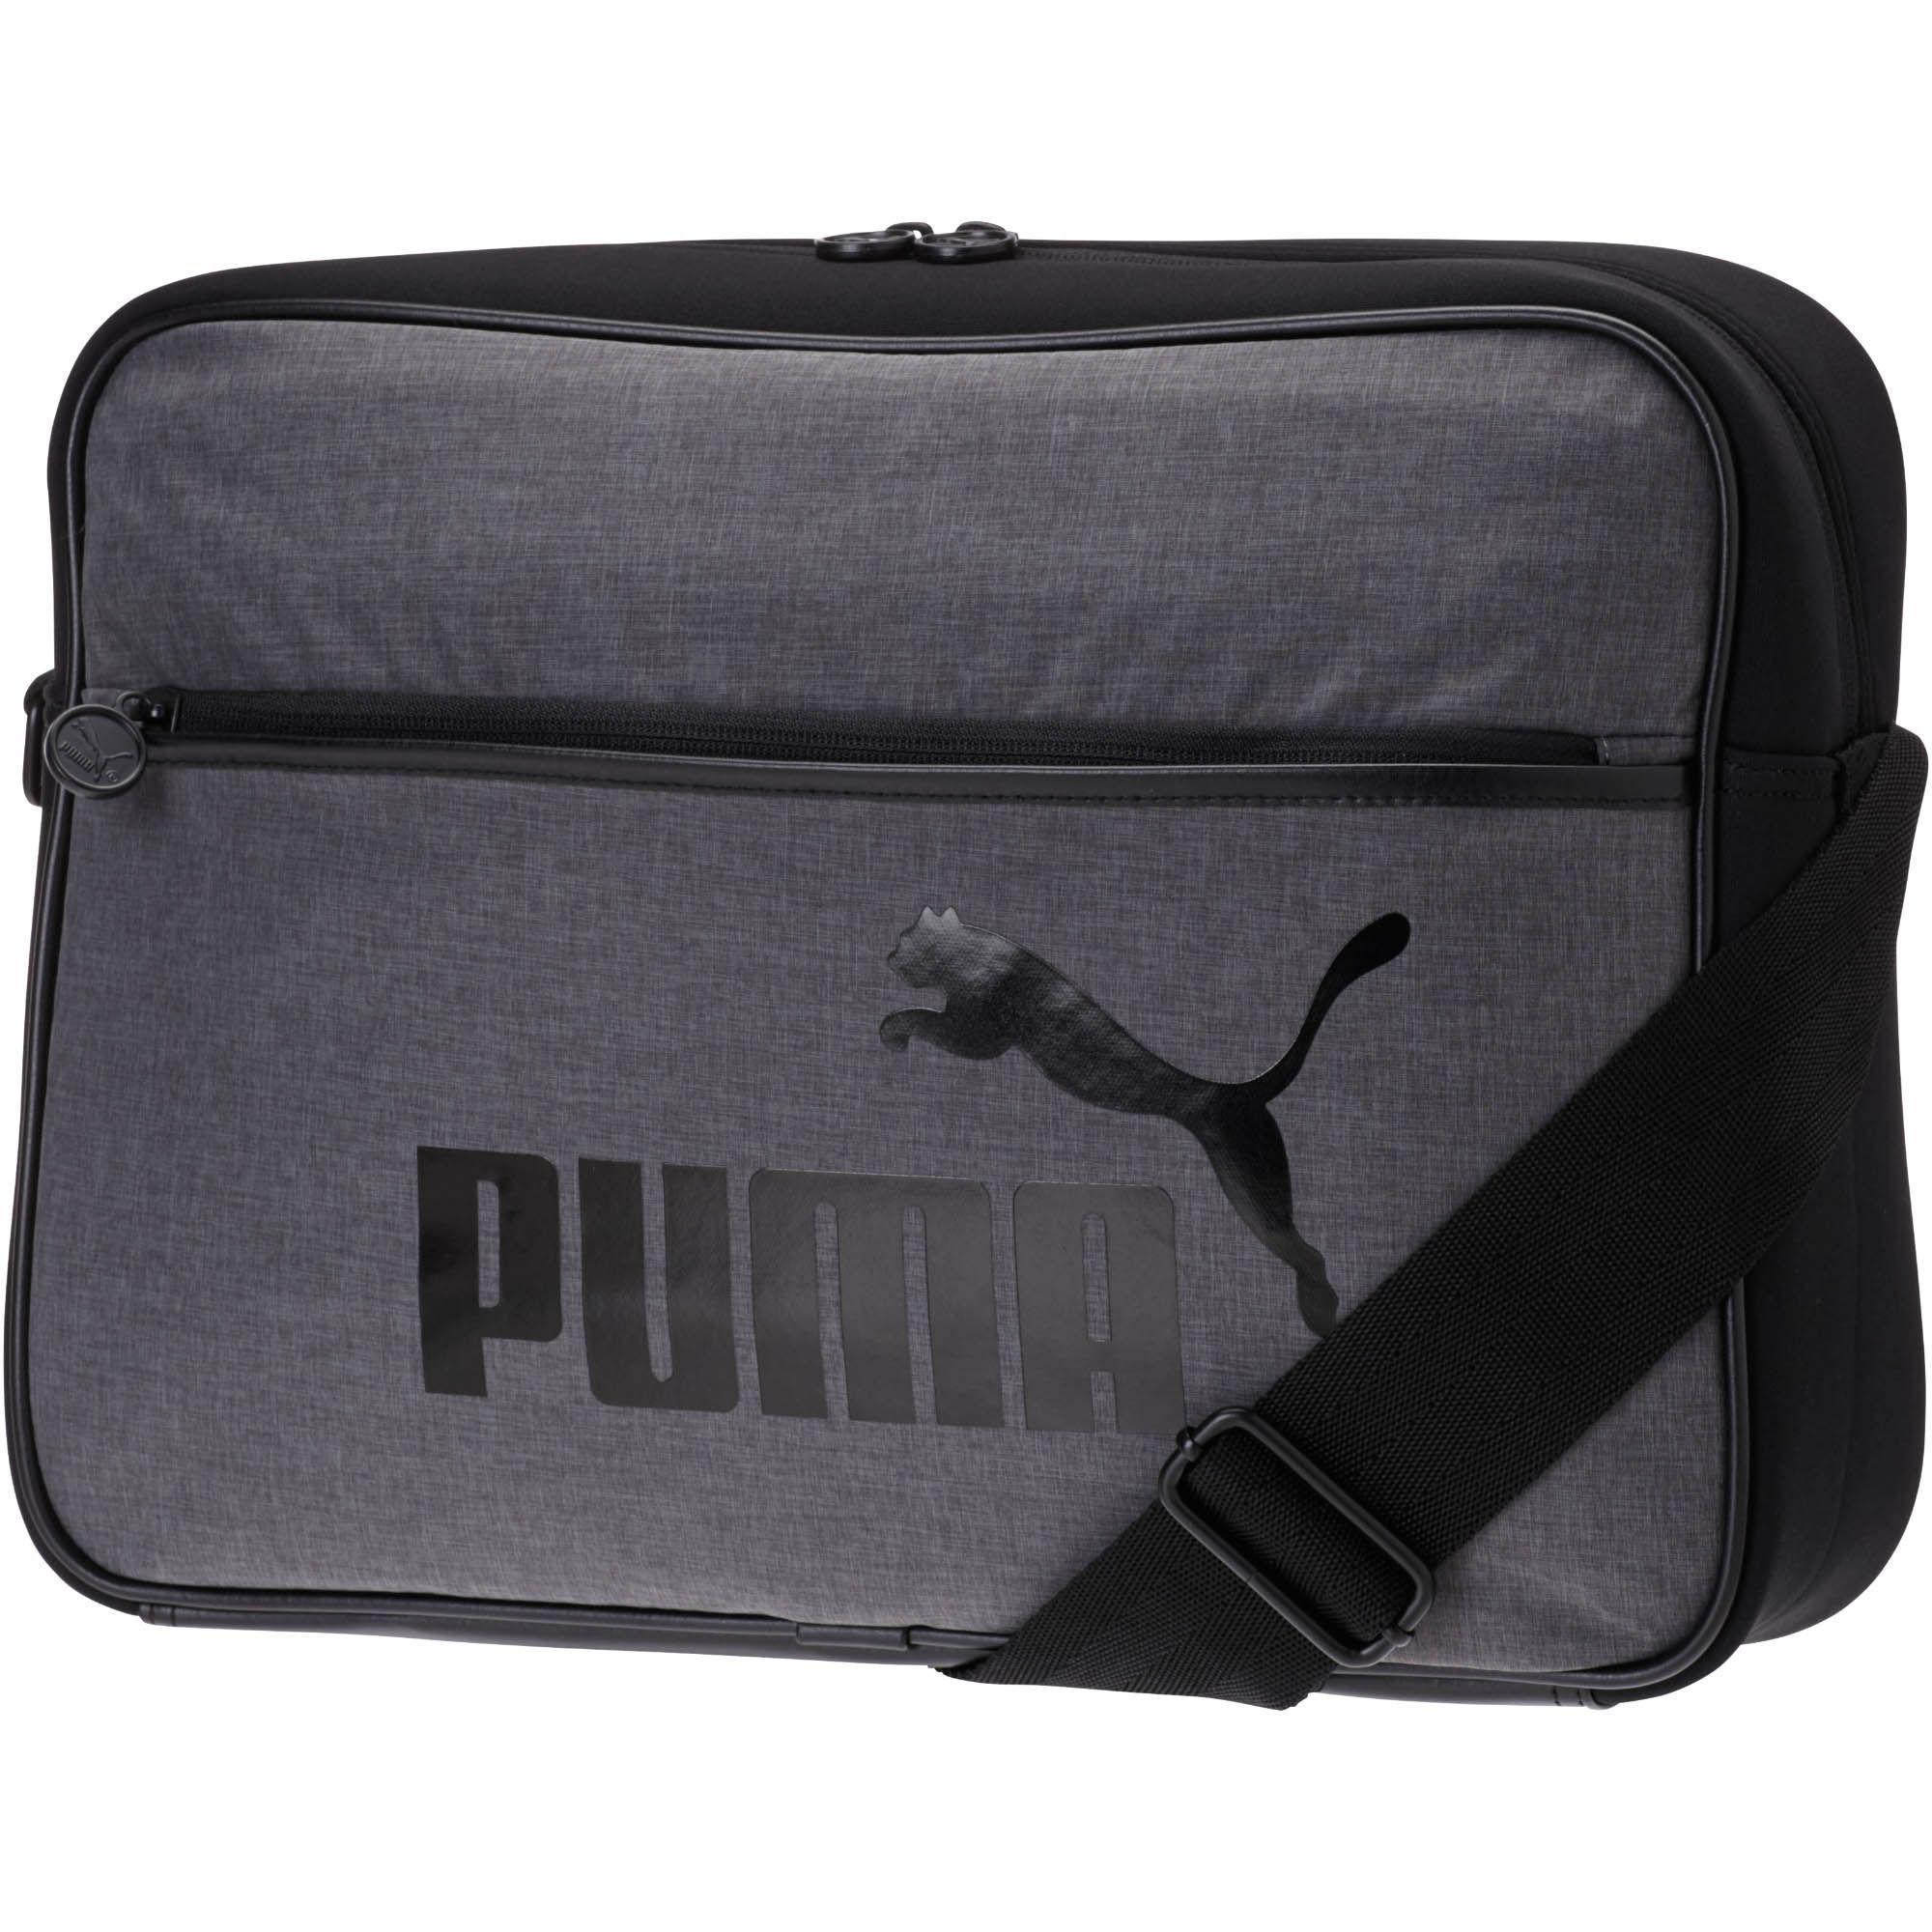 a42b455e6568 Lyst puma heritage shoulder bag in black for men jpg 2000x2000 Puma  heritage bag